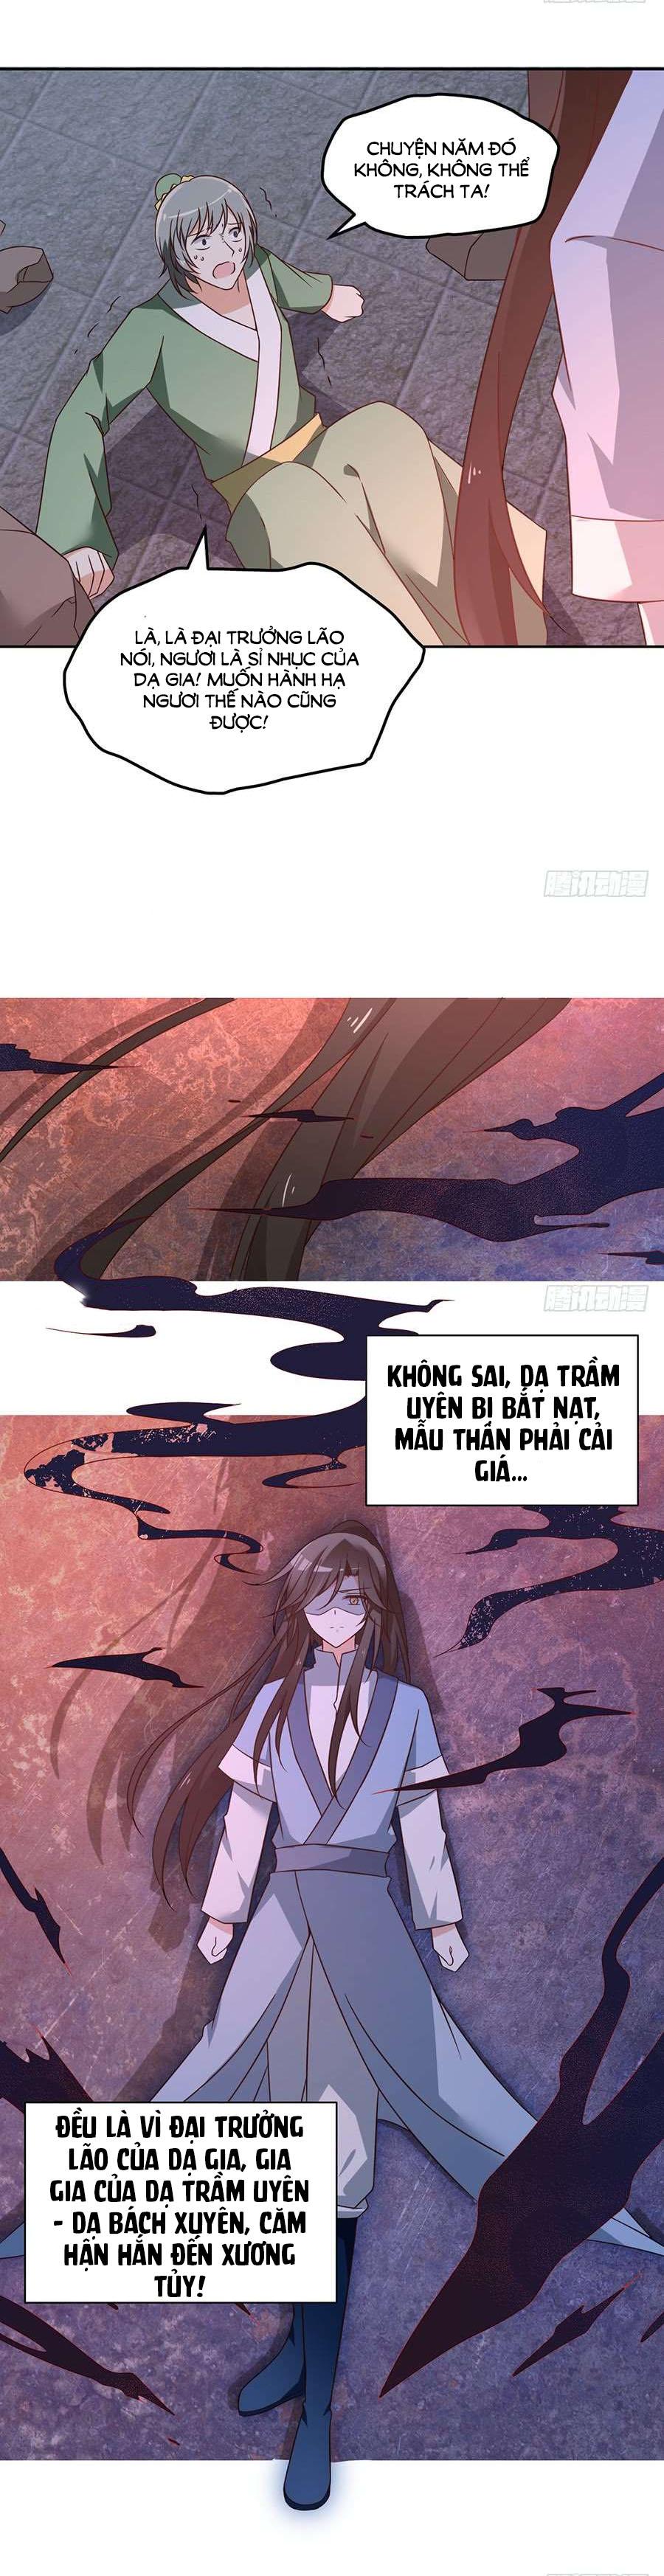 Manh Sư Tại Thượng chap 61 - Trang 8